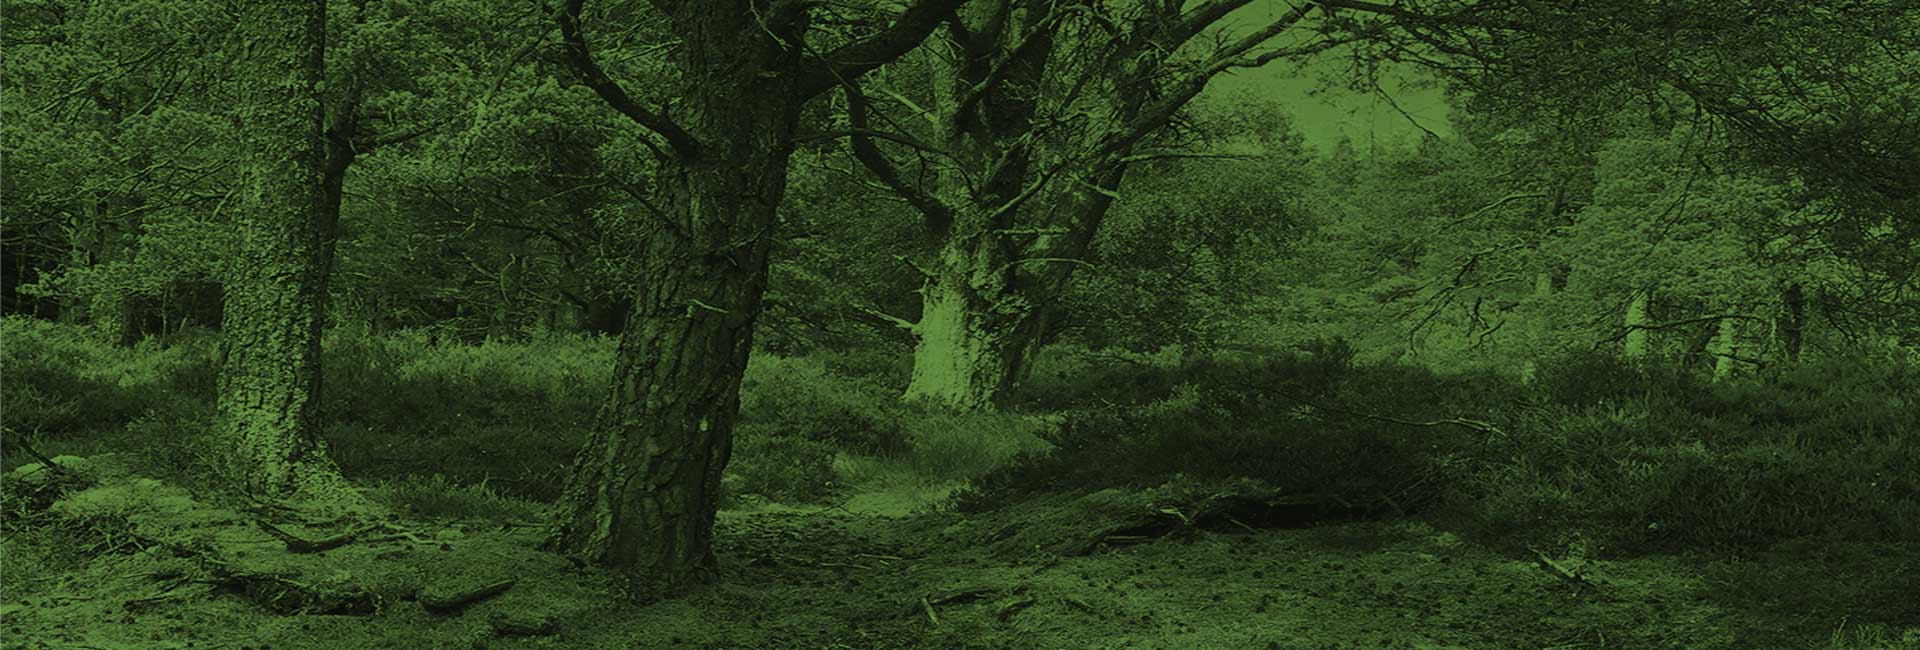 Mulben Forest